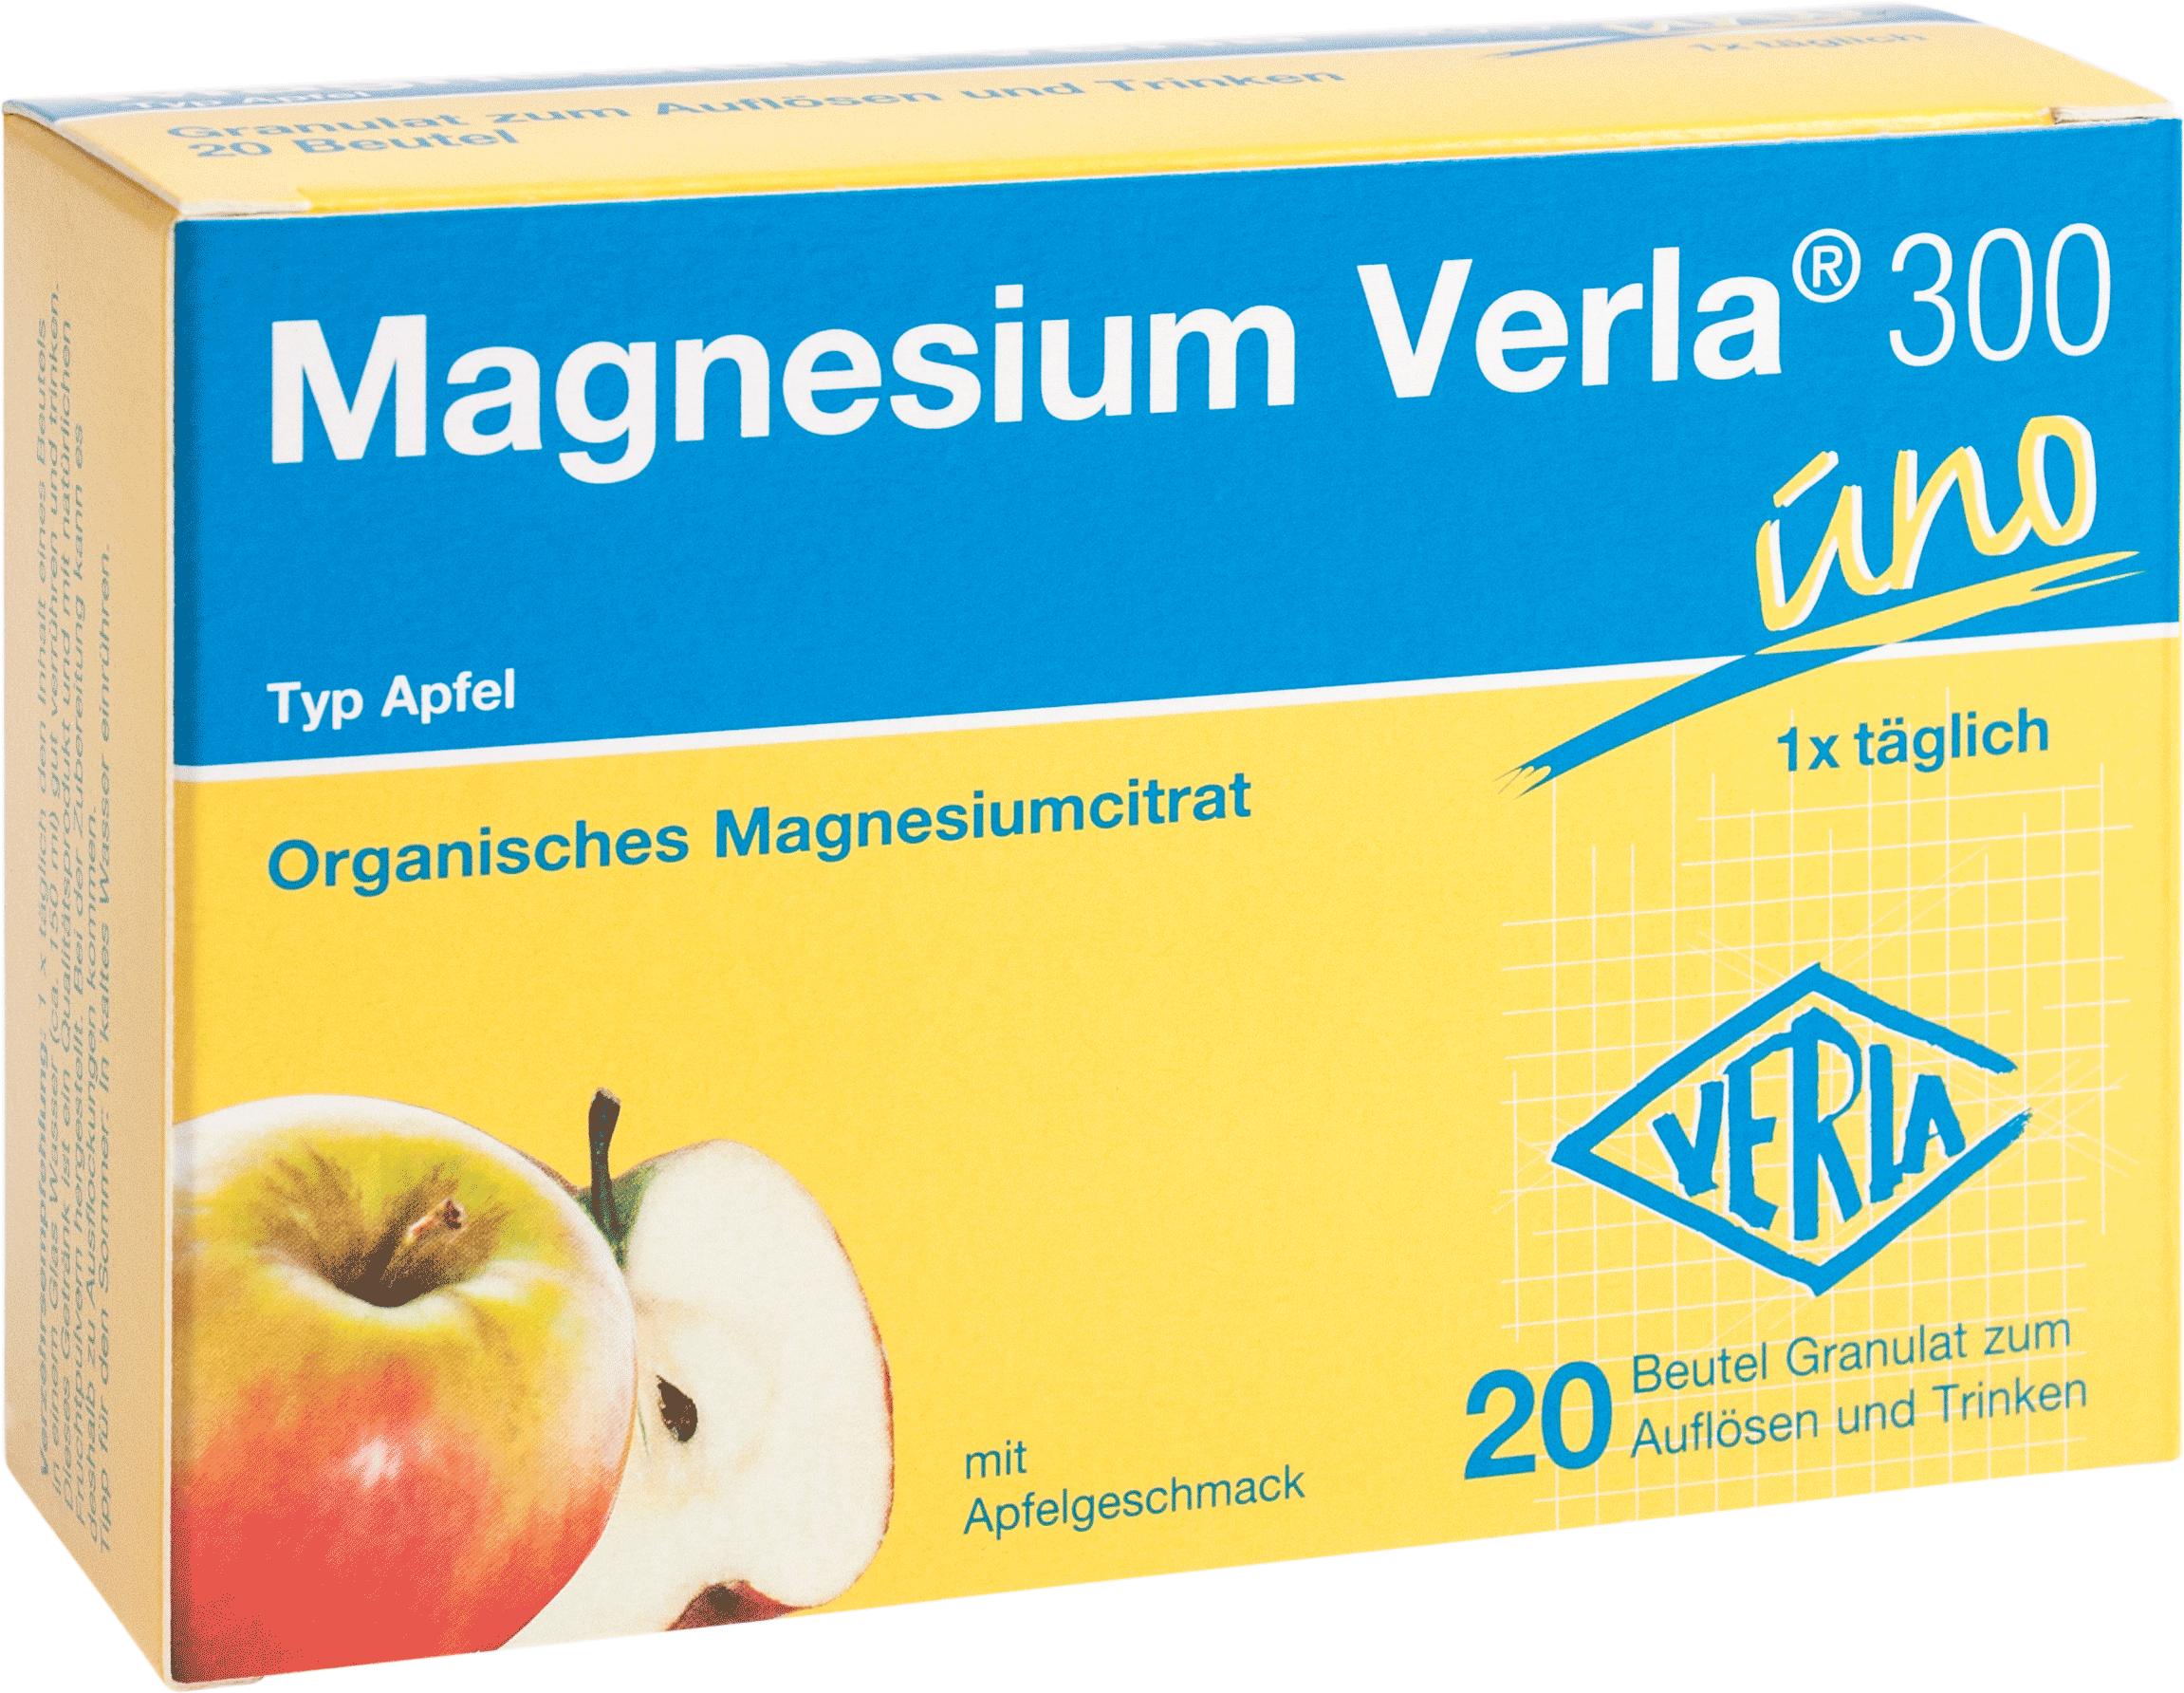 Magnesium Verla 300 Apfel